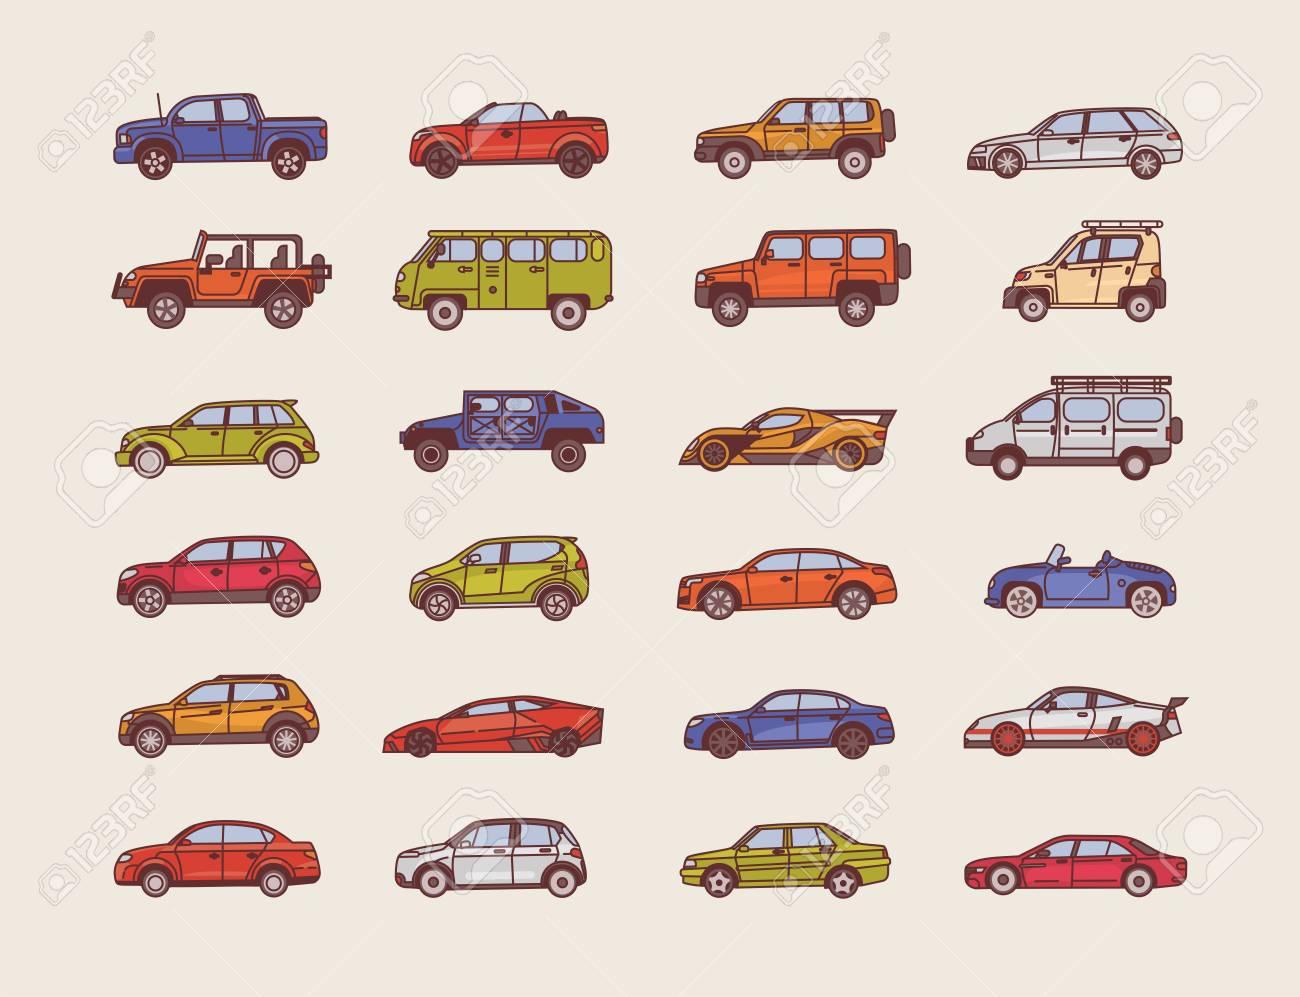 Große Sammlung Von Autos Verschiedener Karosseriebauarten ...